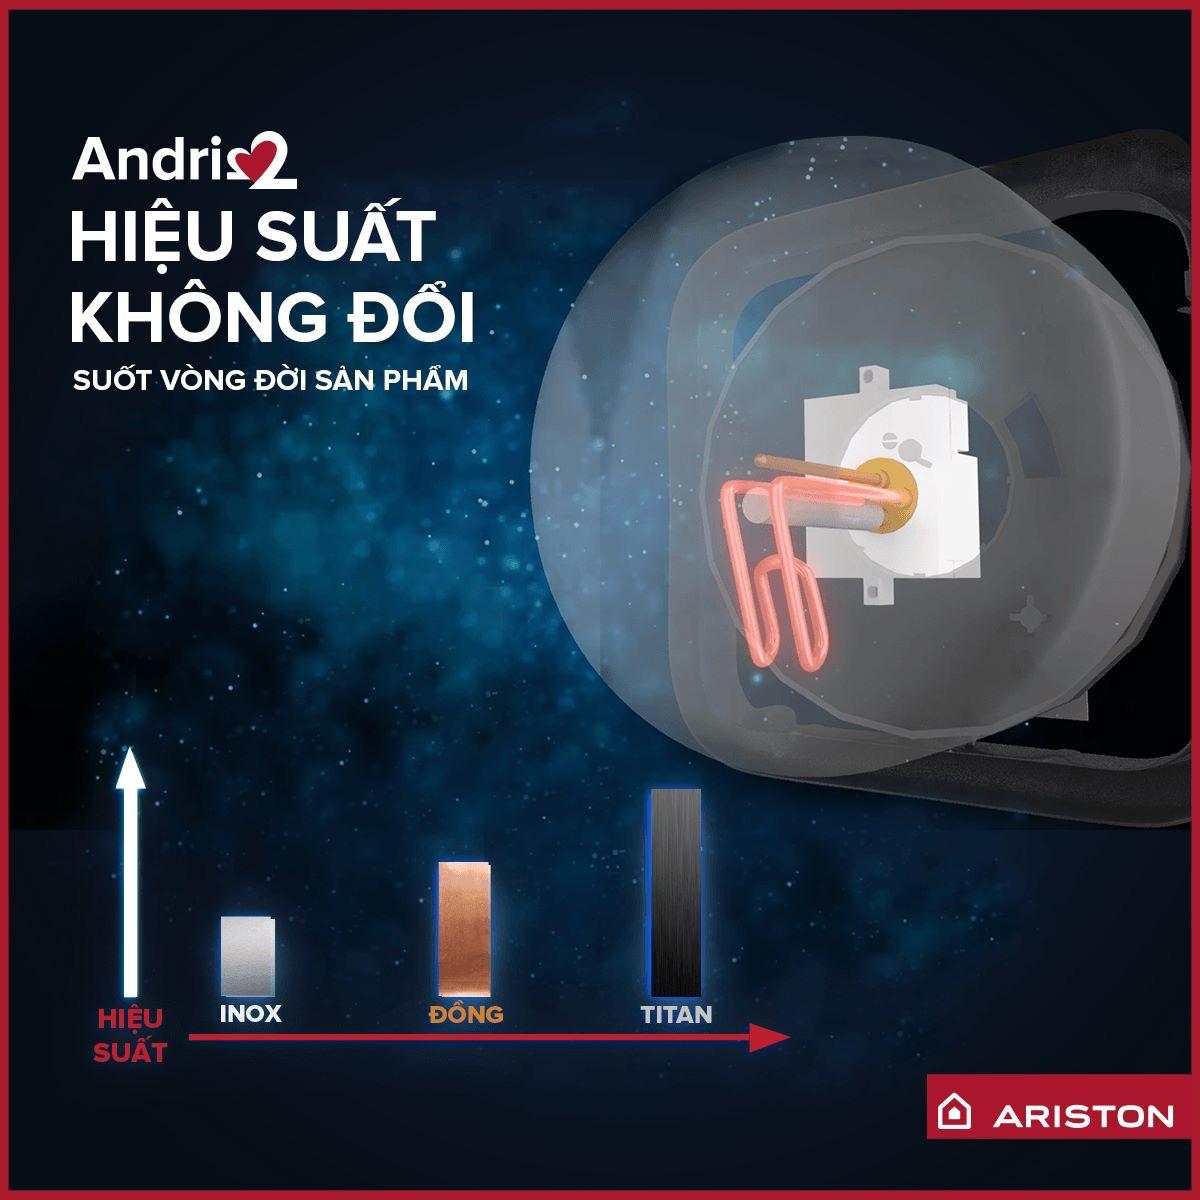 Bình nước nóng Ariston ANDRIS LUX 6 BE ( lắp phía trên bồn rửa) 2